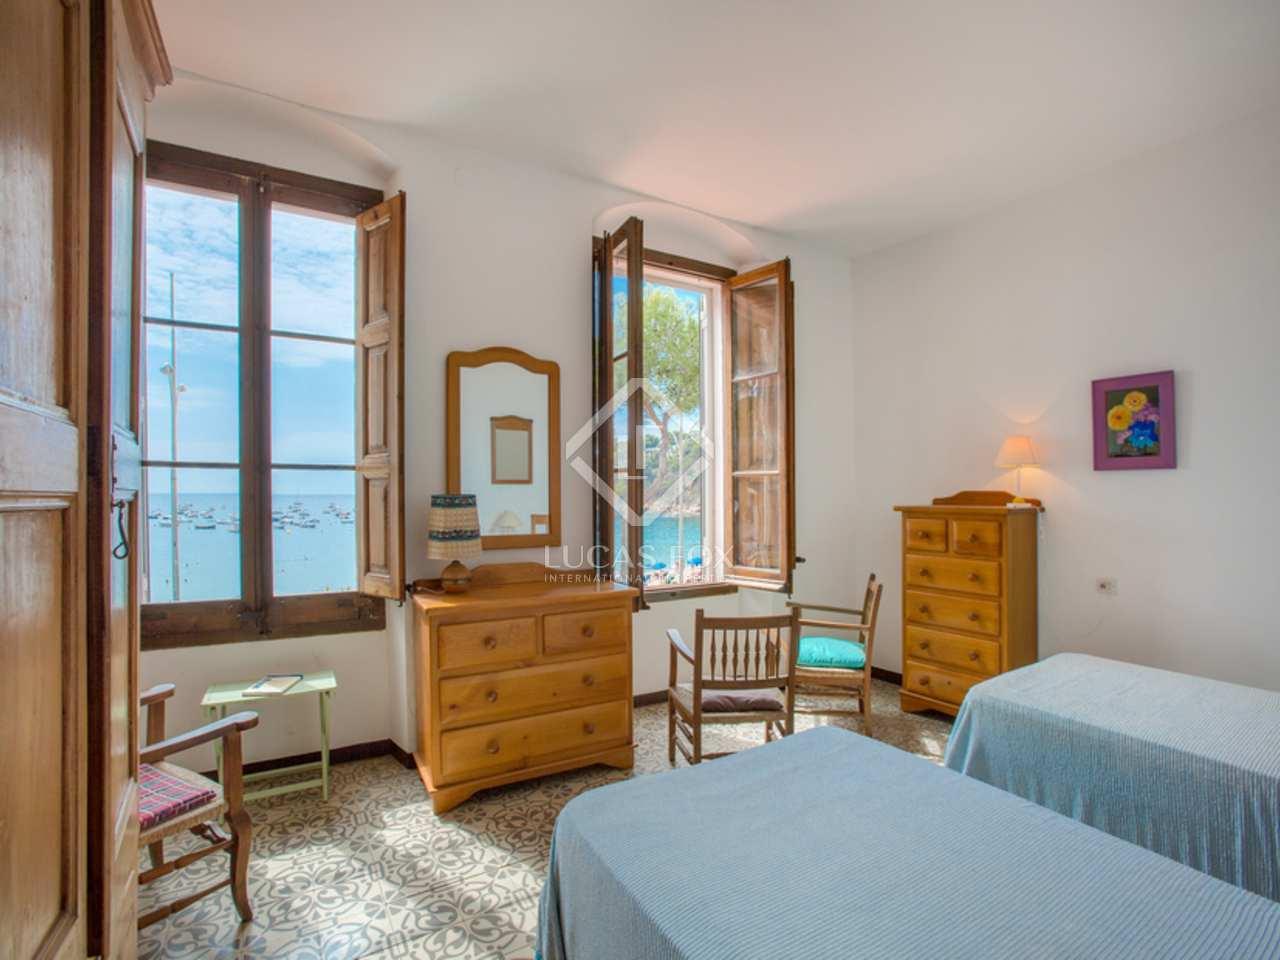 Casa de 4 dormitorios a renovar en venta en llafranc for Renovar la casa dormitorio